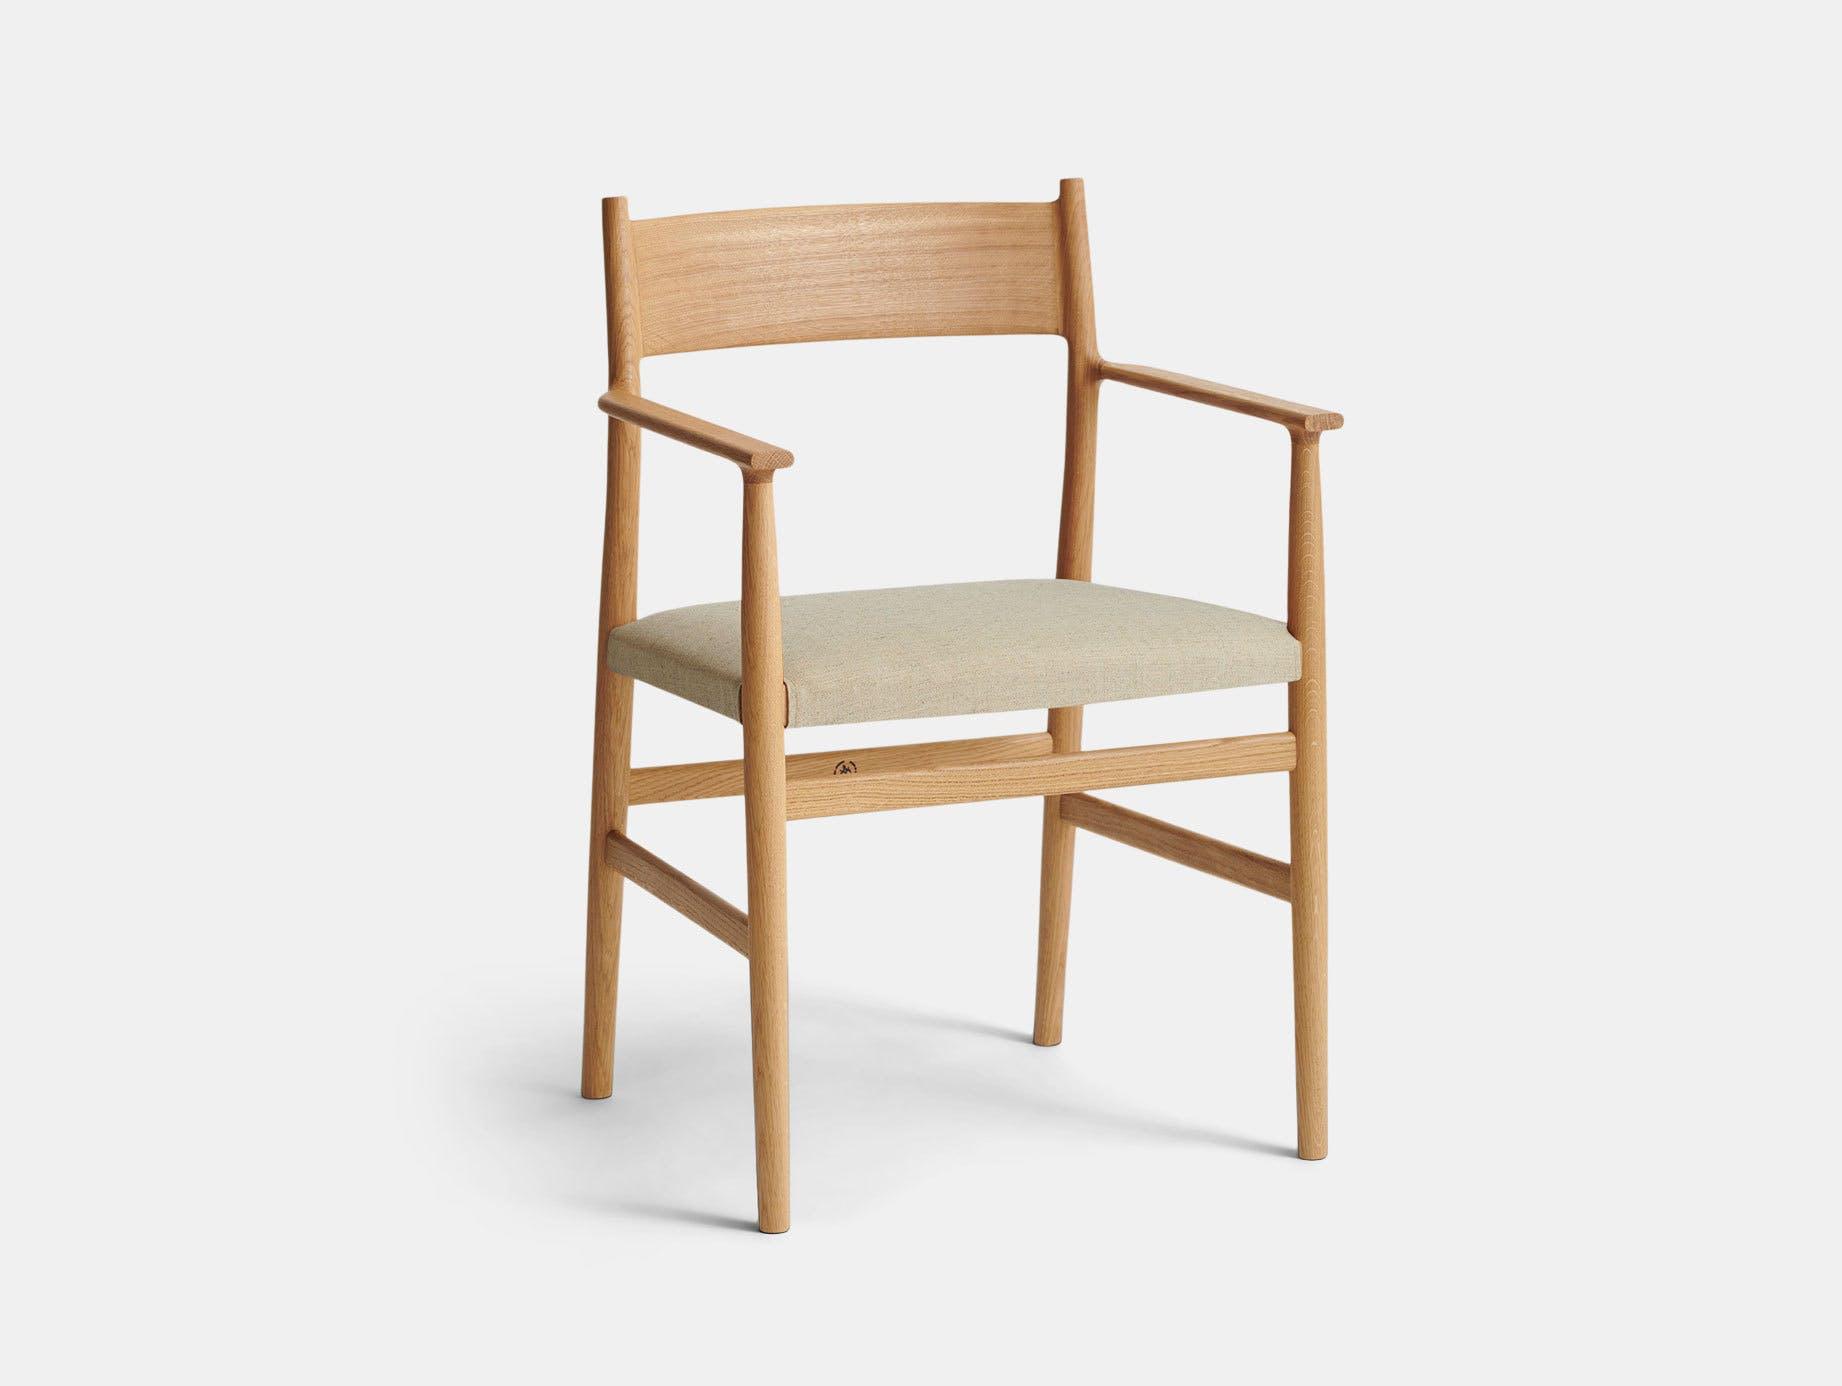 Brdr Kruger ARV Armchair Upholstered Oak Floyd Canvas Studio David Thulstrup